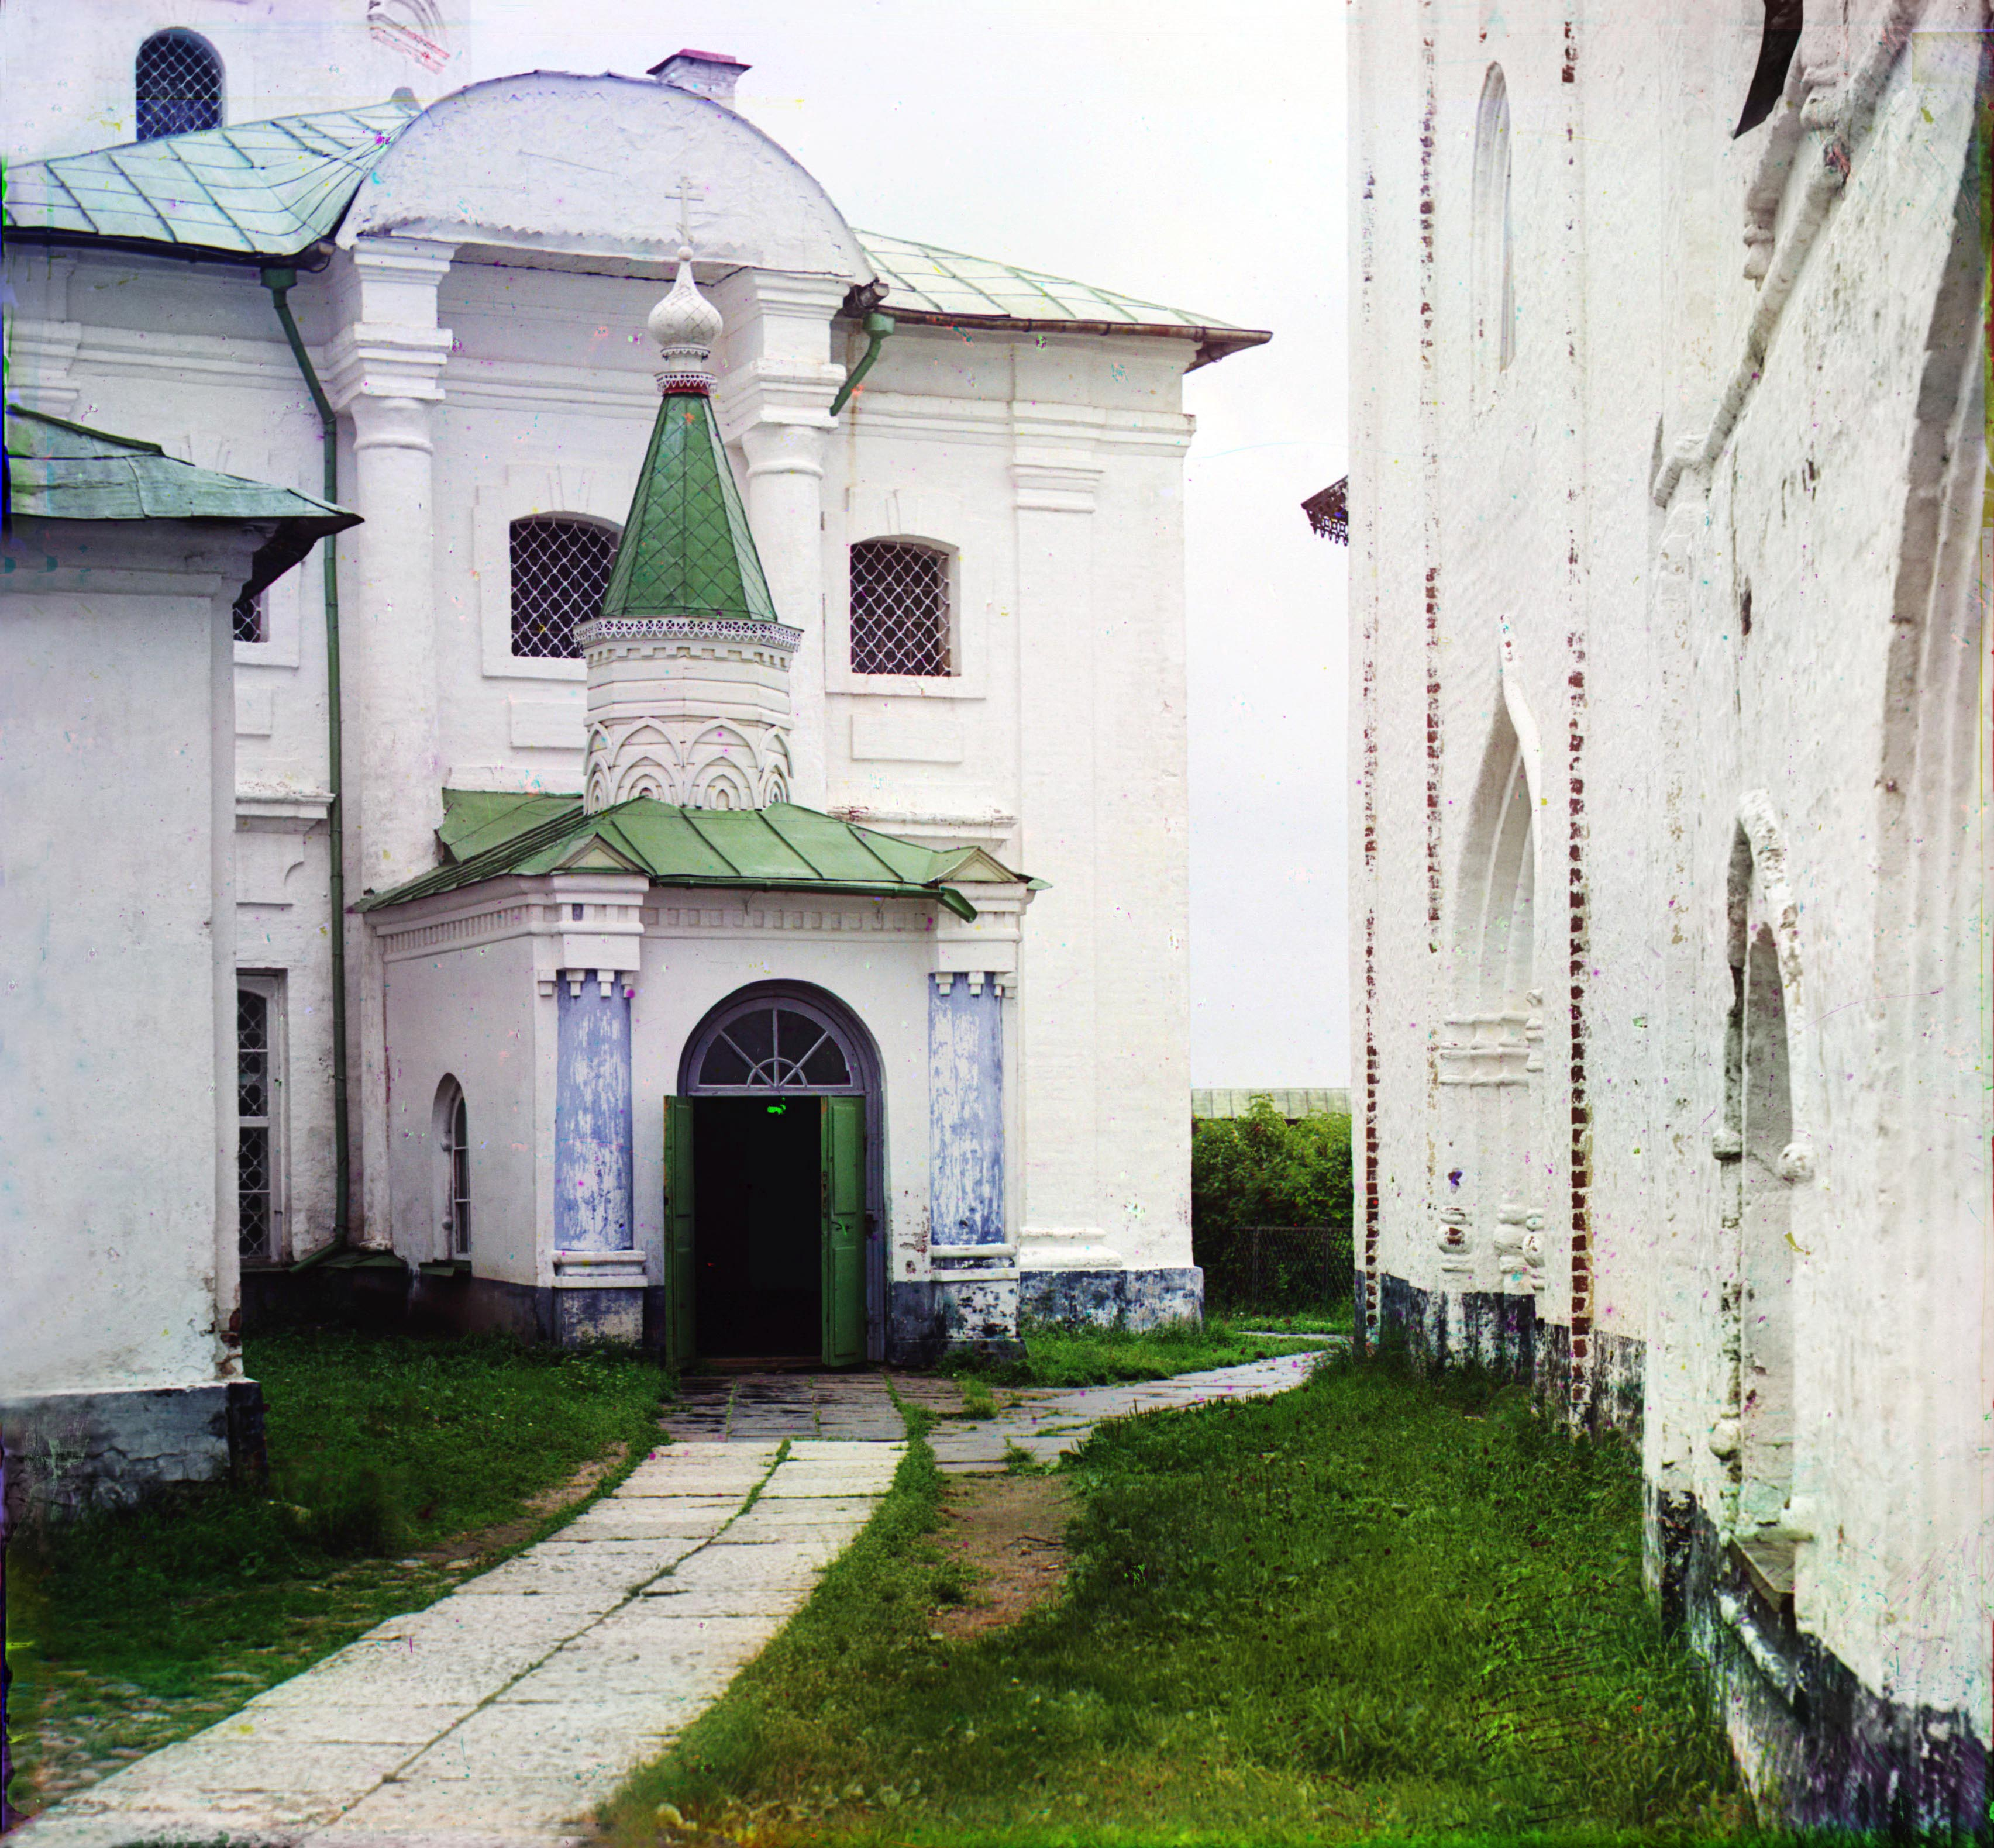 Кирилло-Белозерский монастырь. Вход в церковь Угодника (церковь св. Кирилла Белозерского)